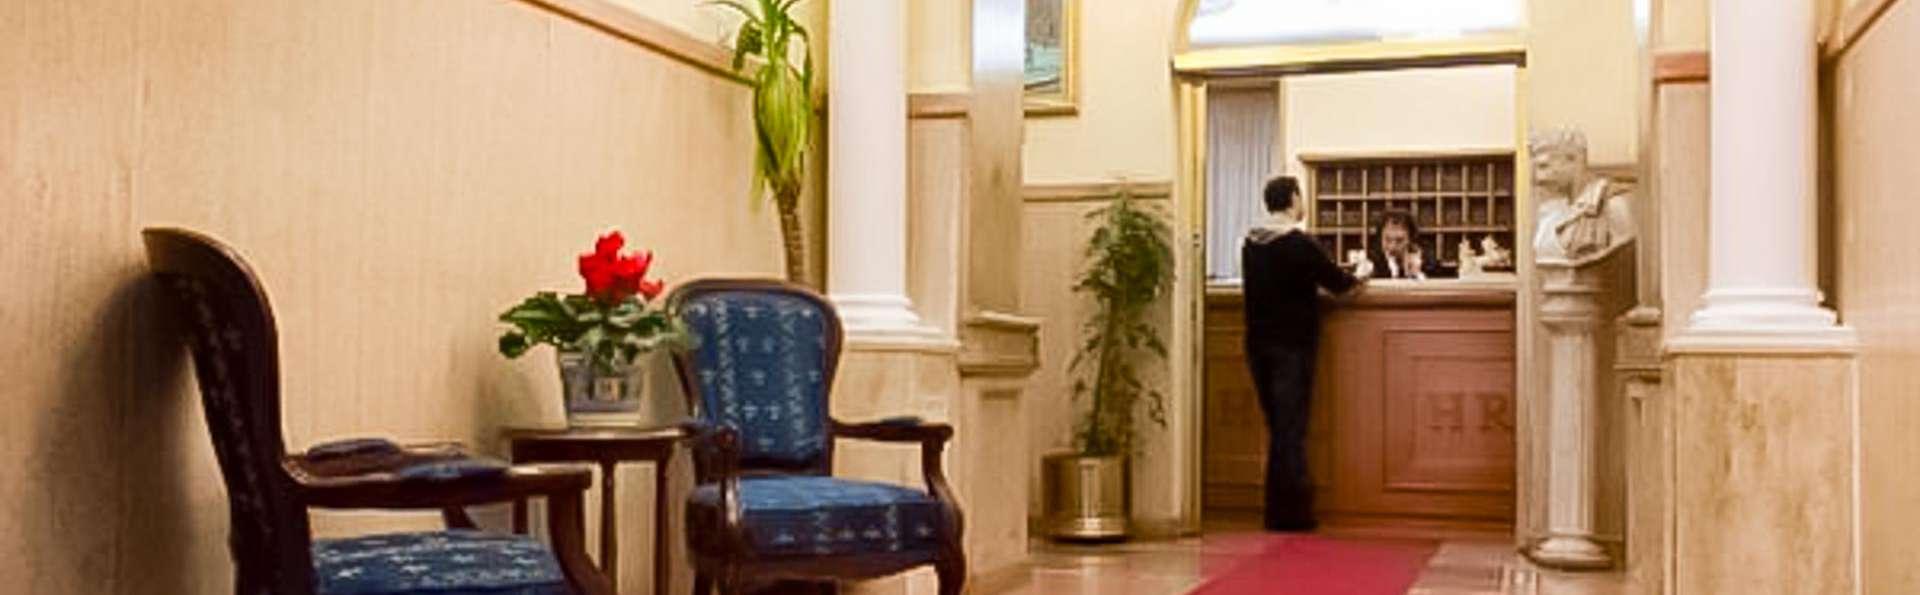 Hotel Rimini - EDIT_LOBBY_01.jpg